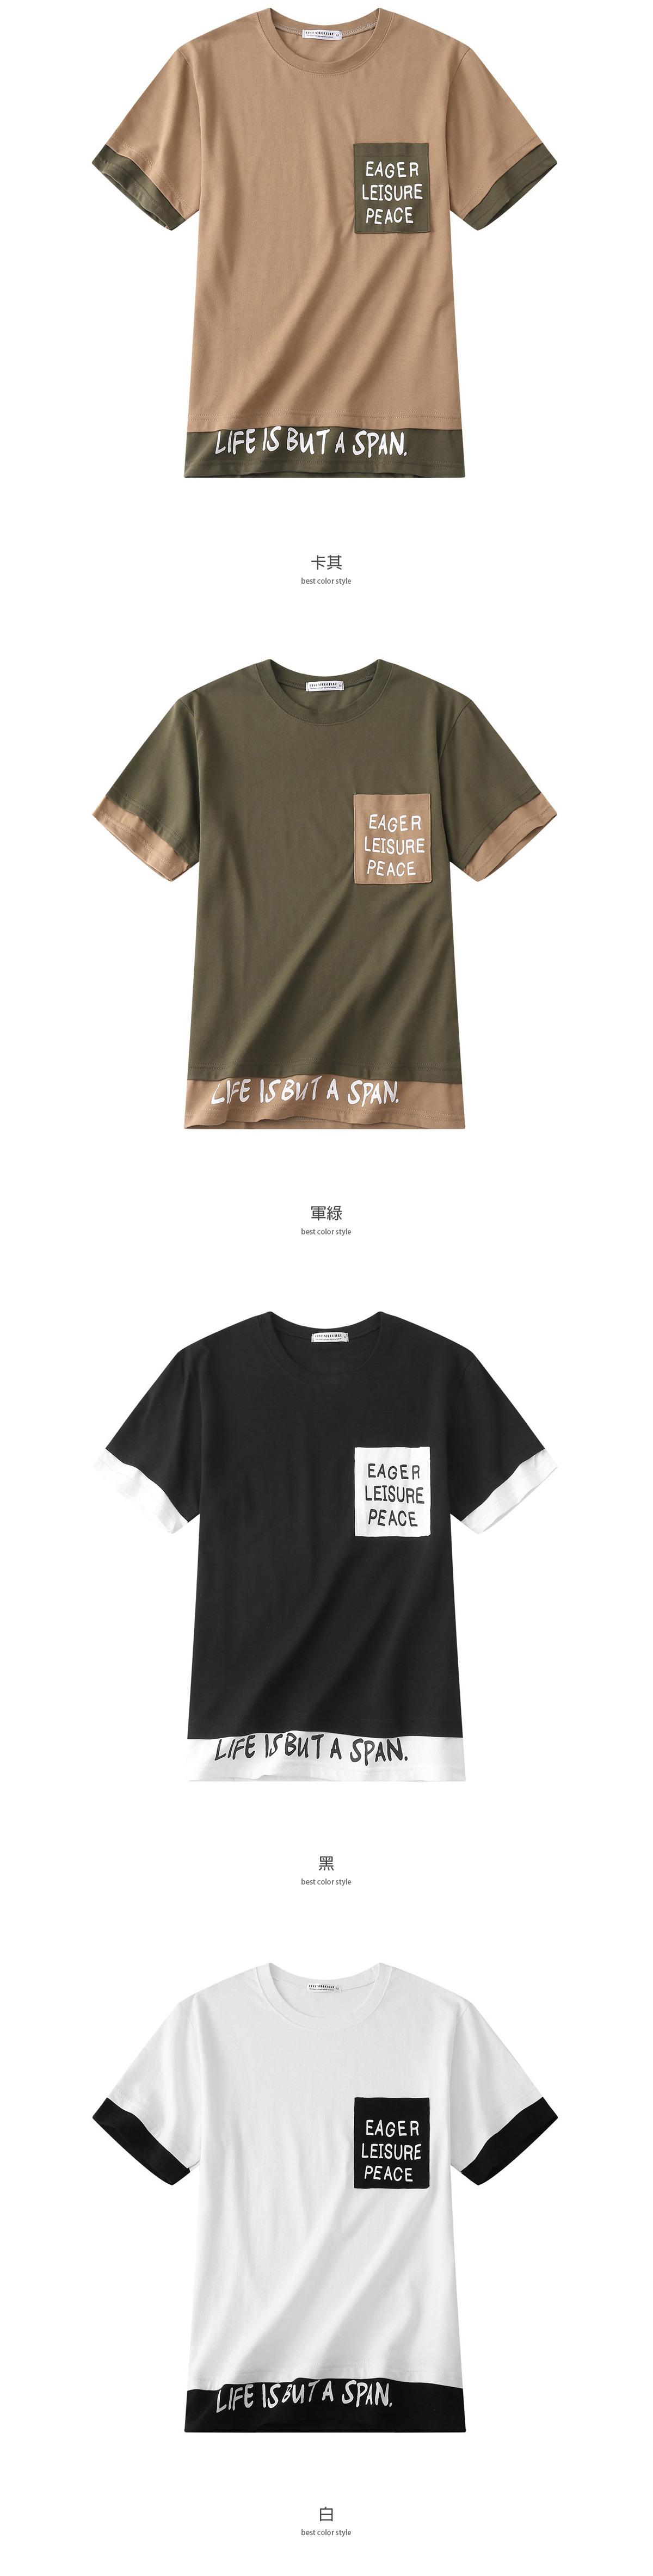 MIT撞色英字假兩件設計短袖T恤